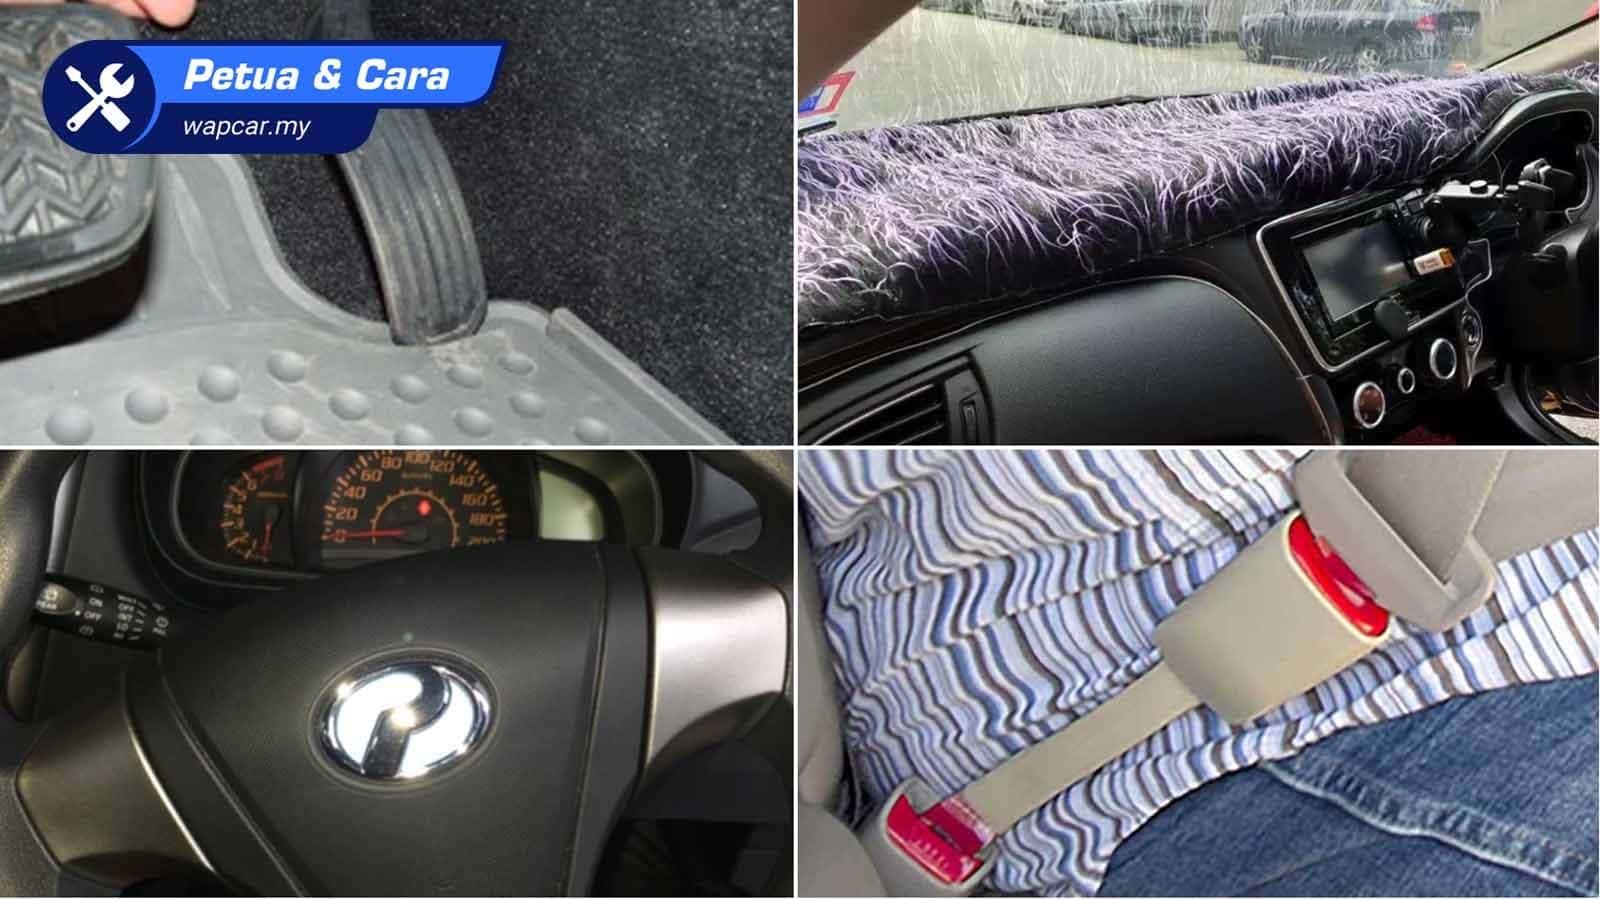 Video: Jangan gadai nyawa anda, ini 4 aksesori kereta yang bahaya! 01